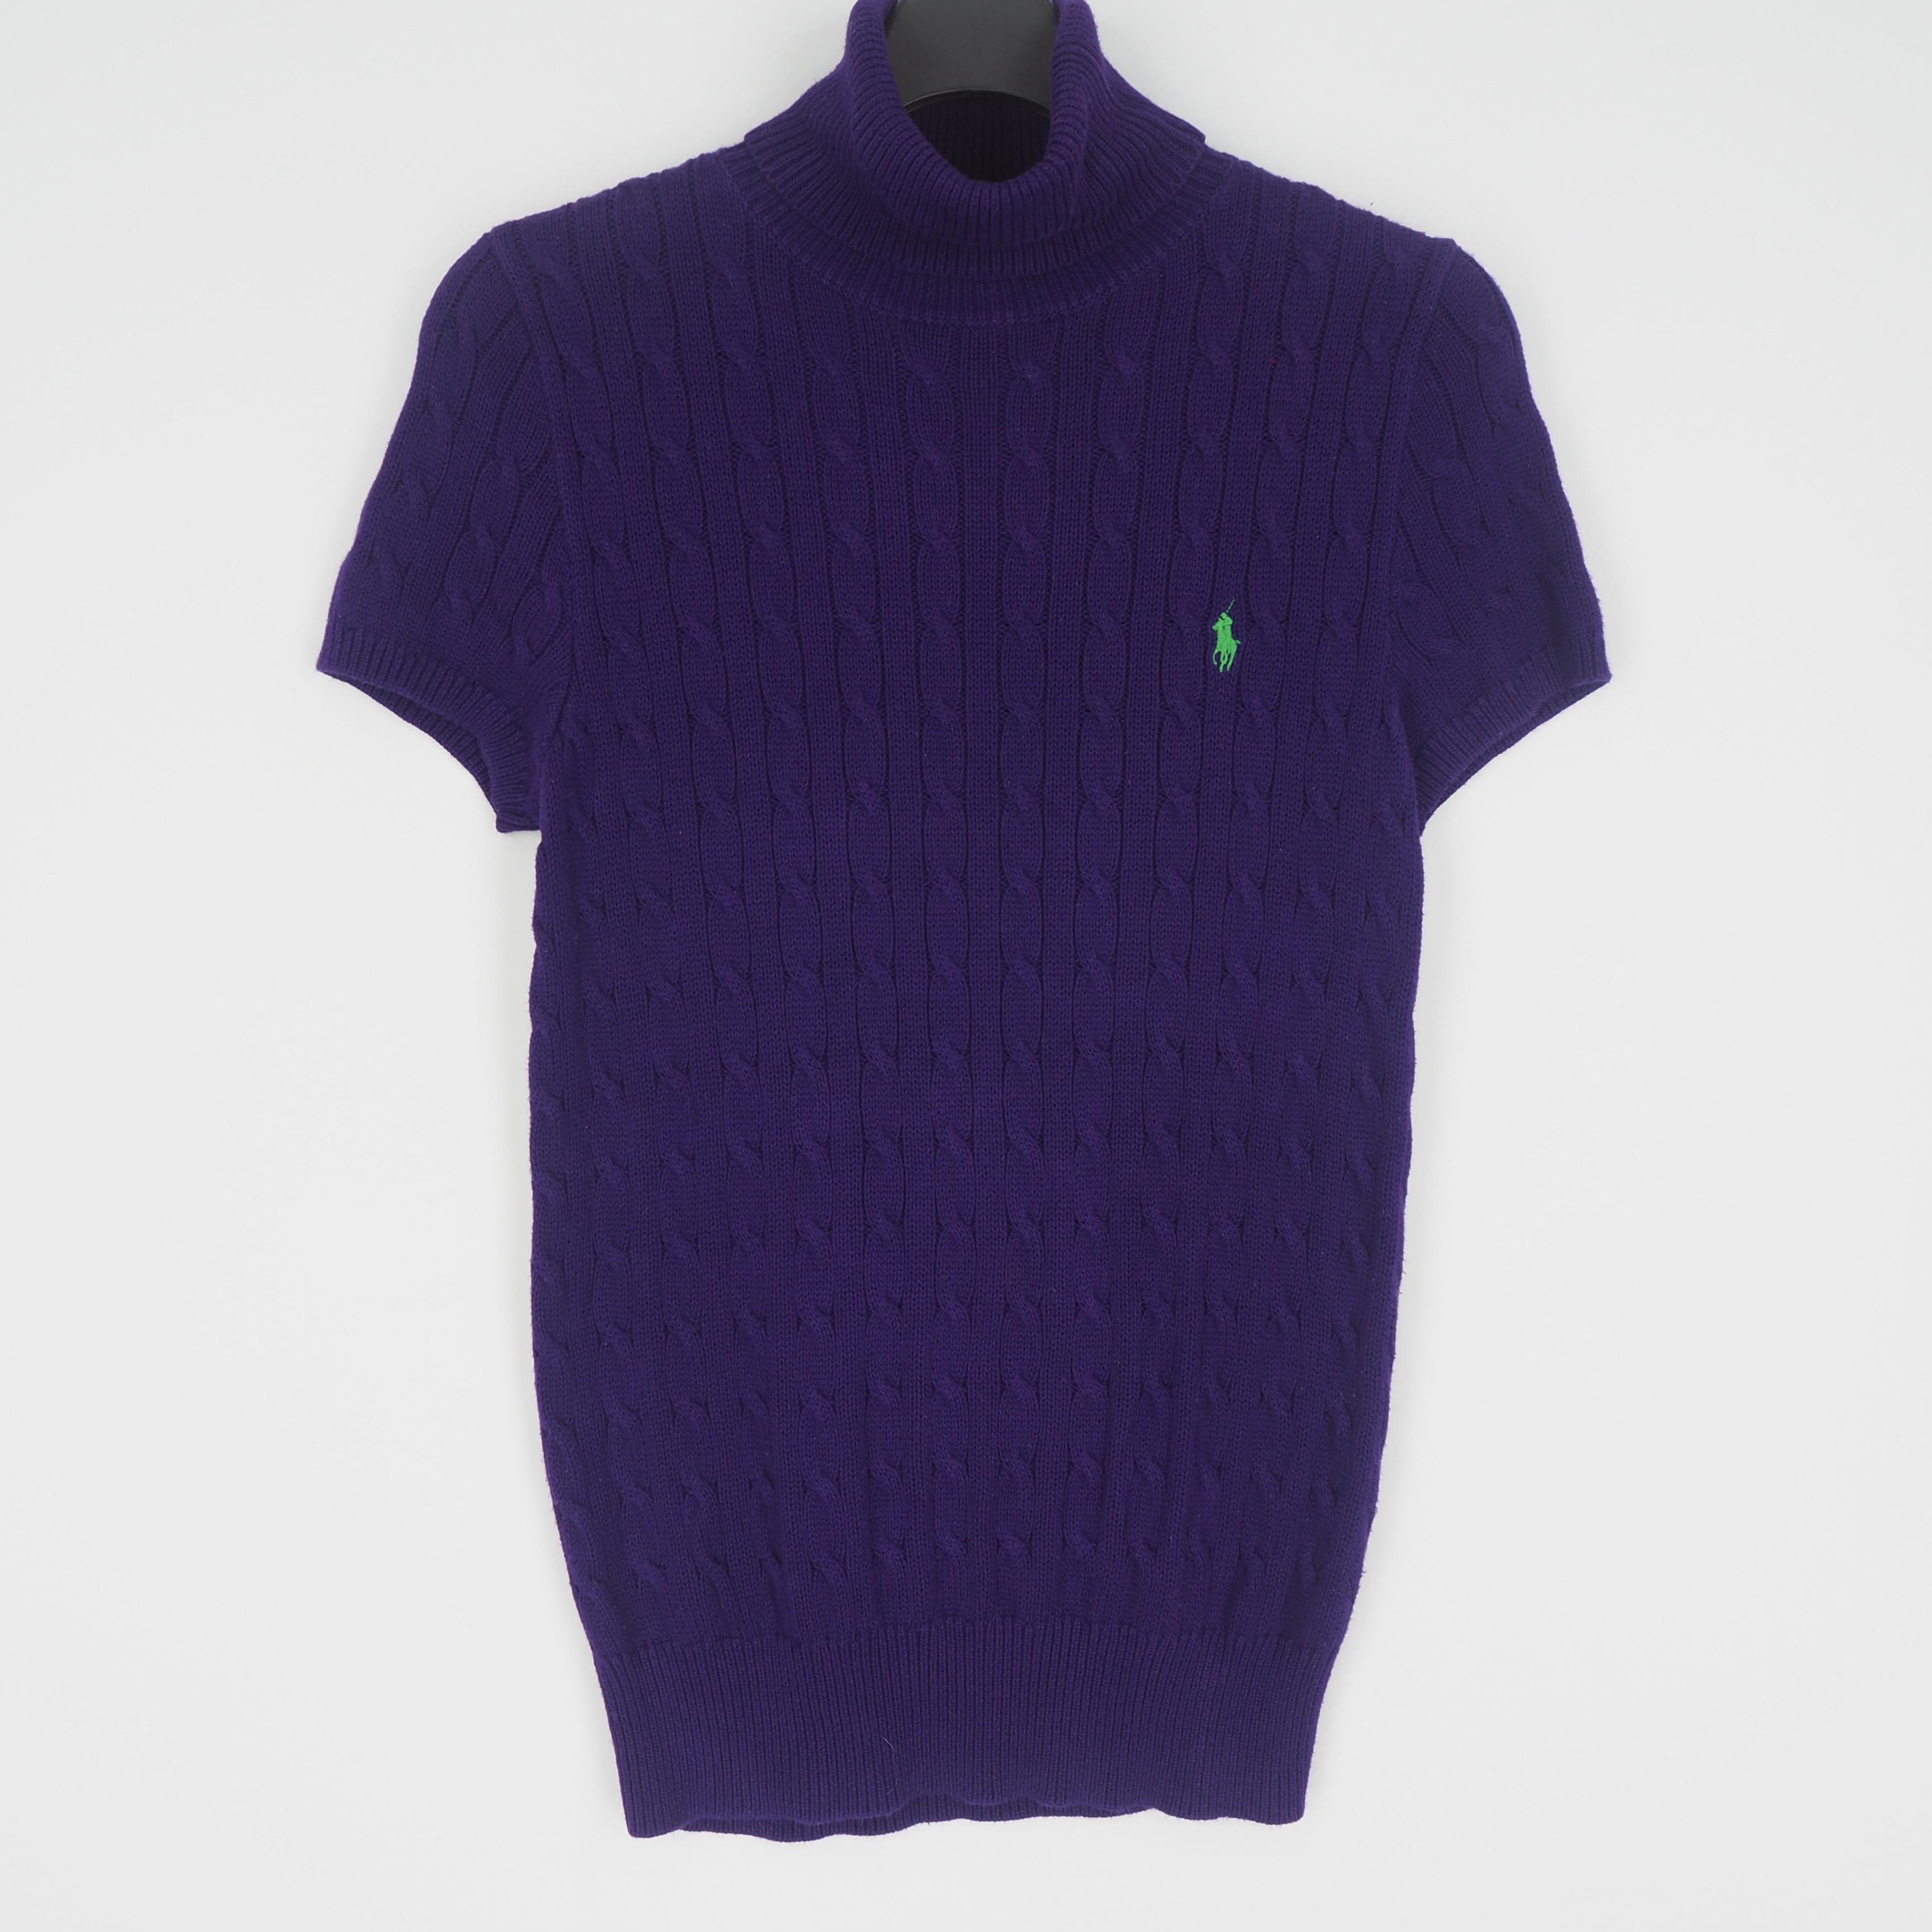 [S] 랄프로렌 반팔 니트/스웨터